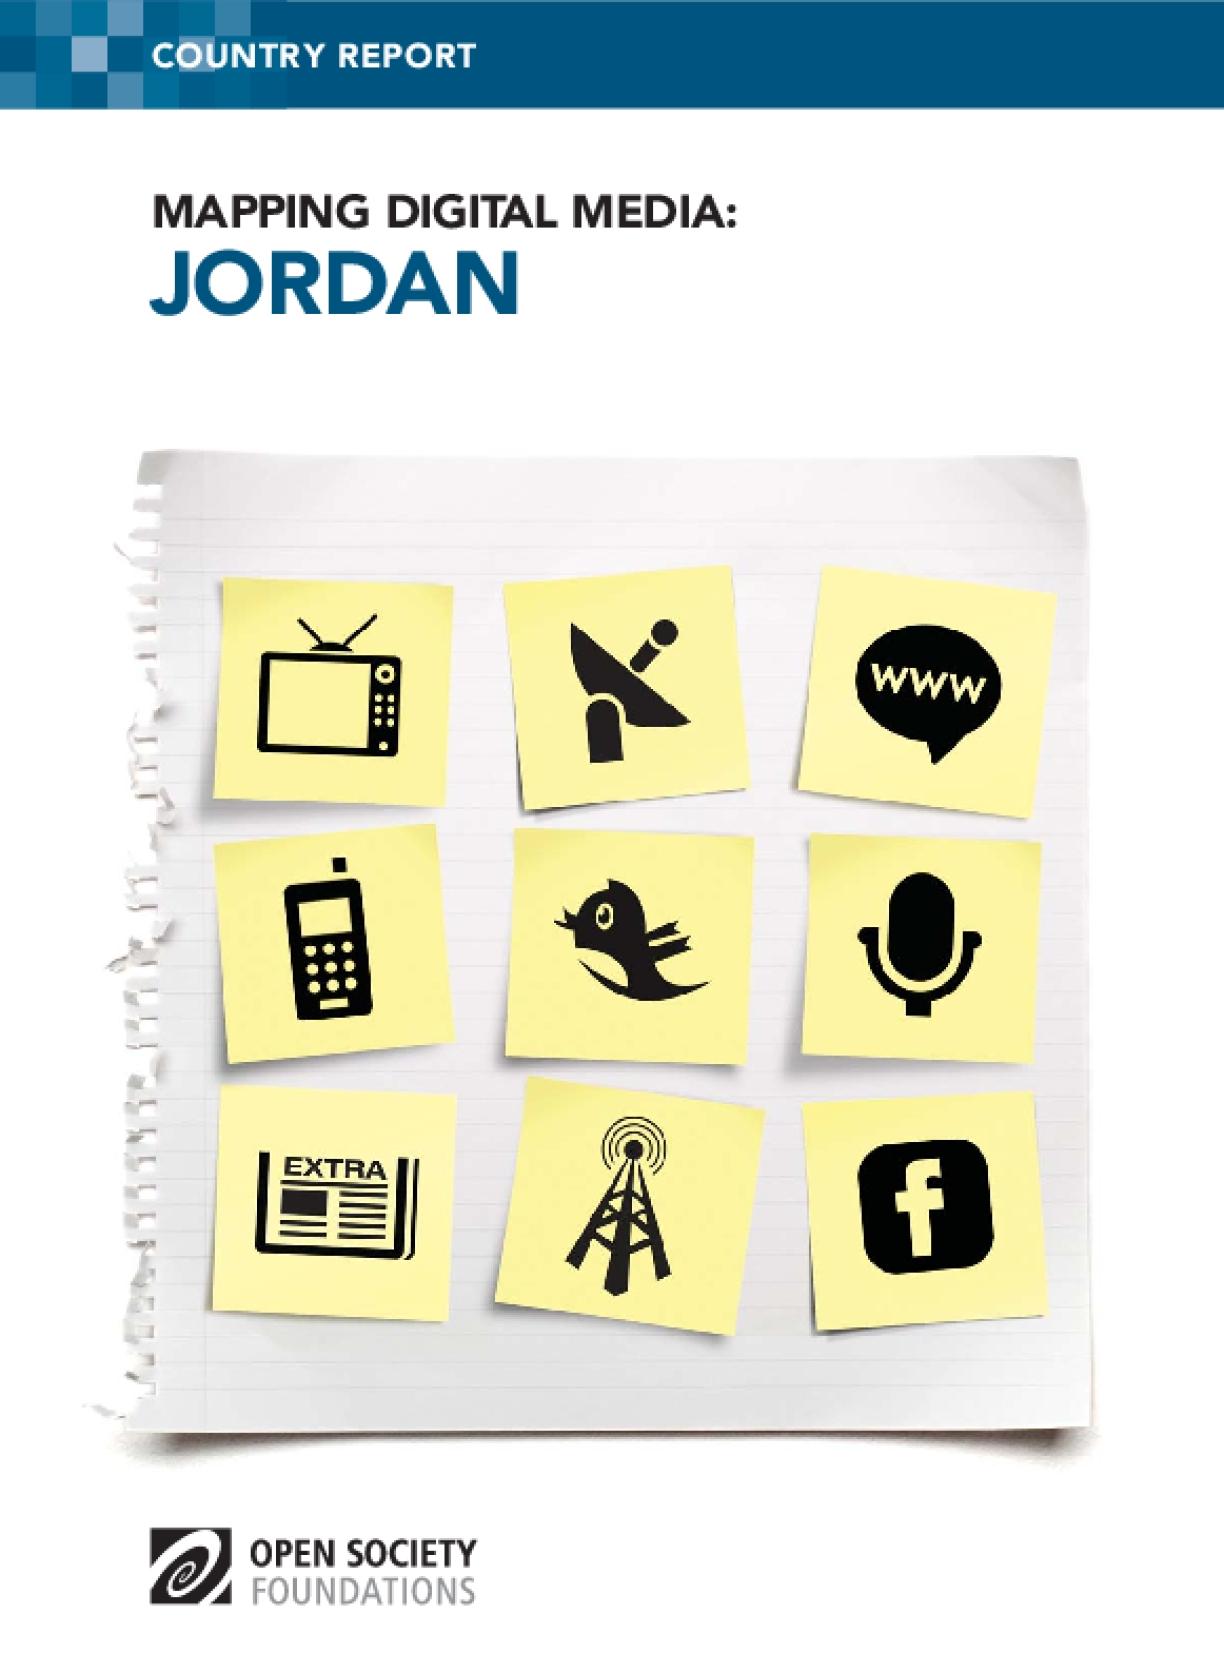 Mapping Digital Media: Jordan